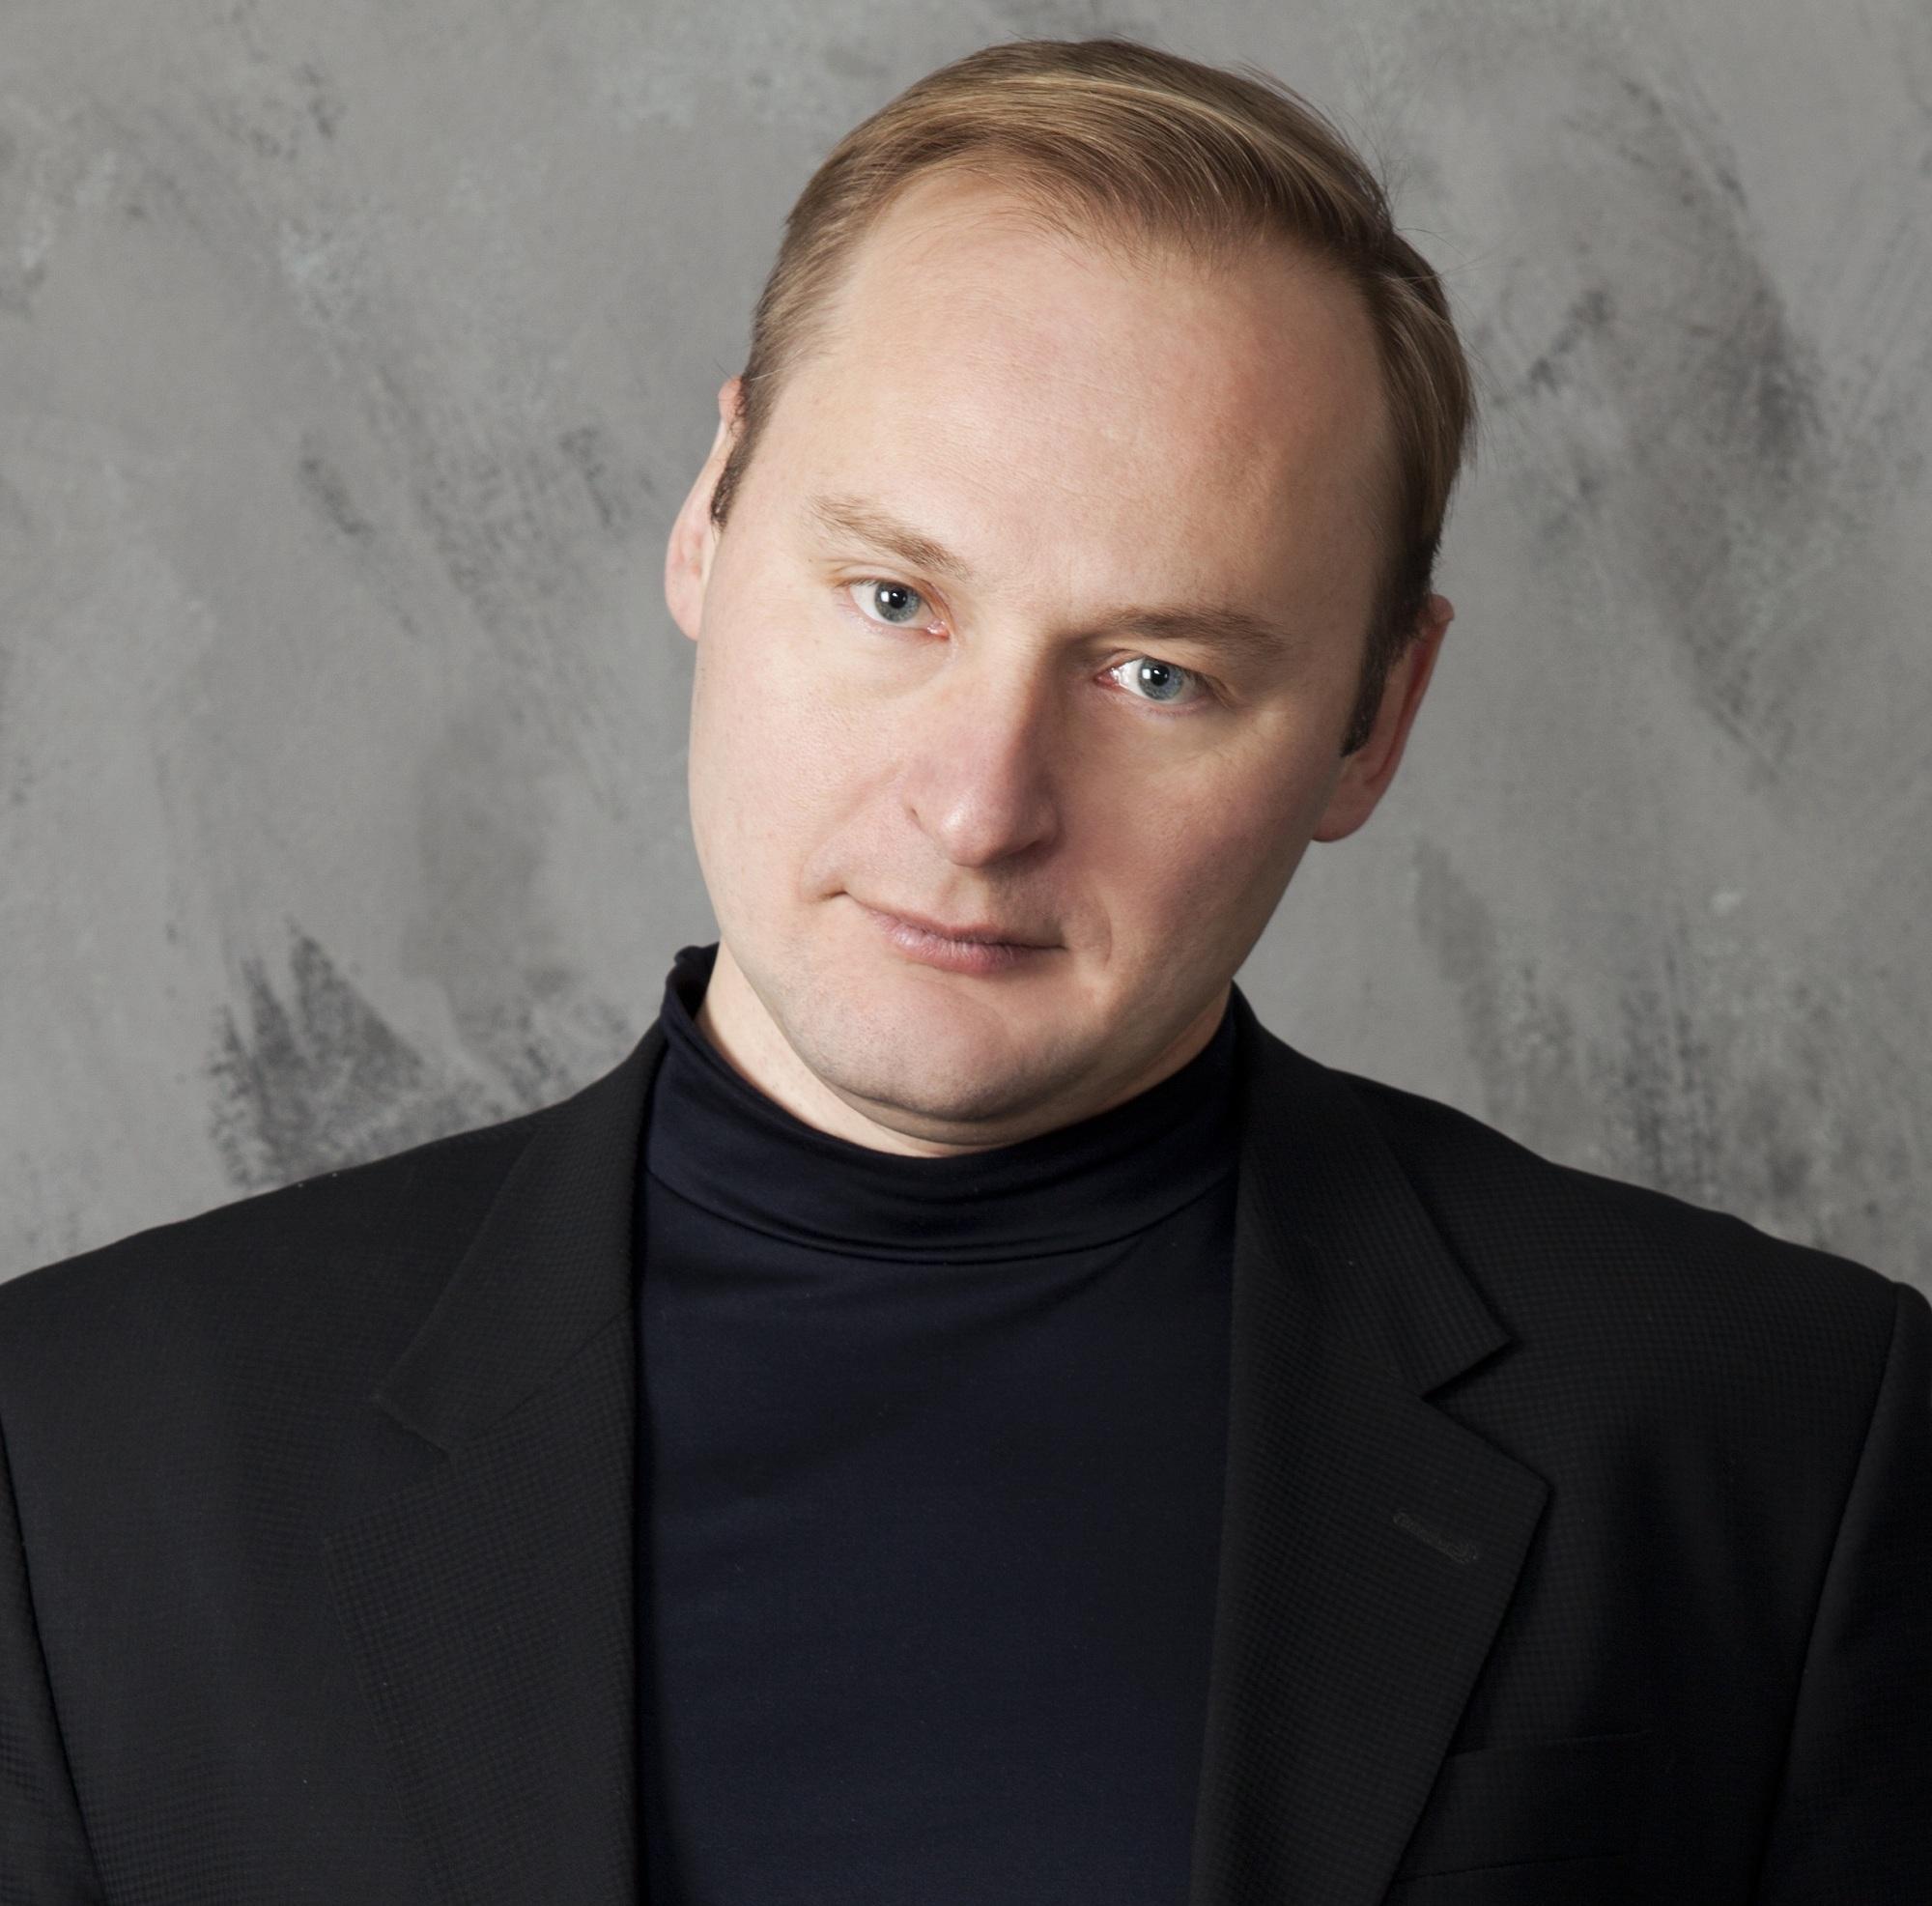 У «Tele2 Смоленск» новый технический директор